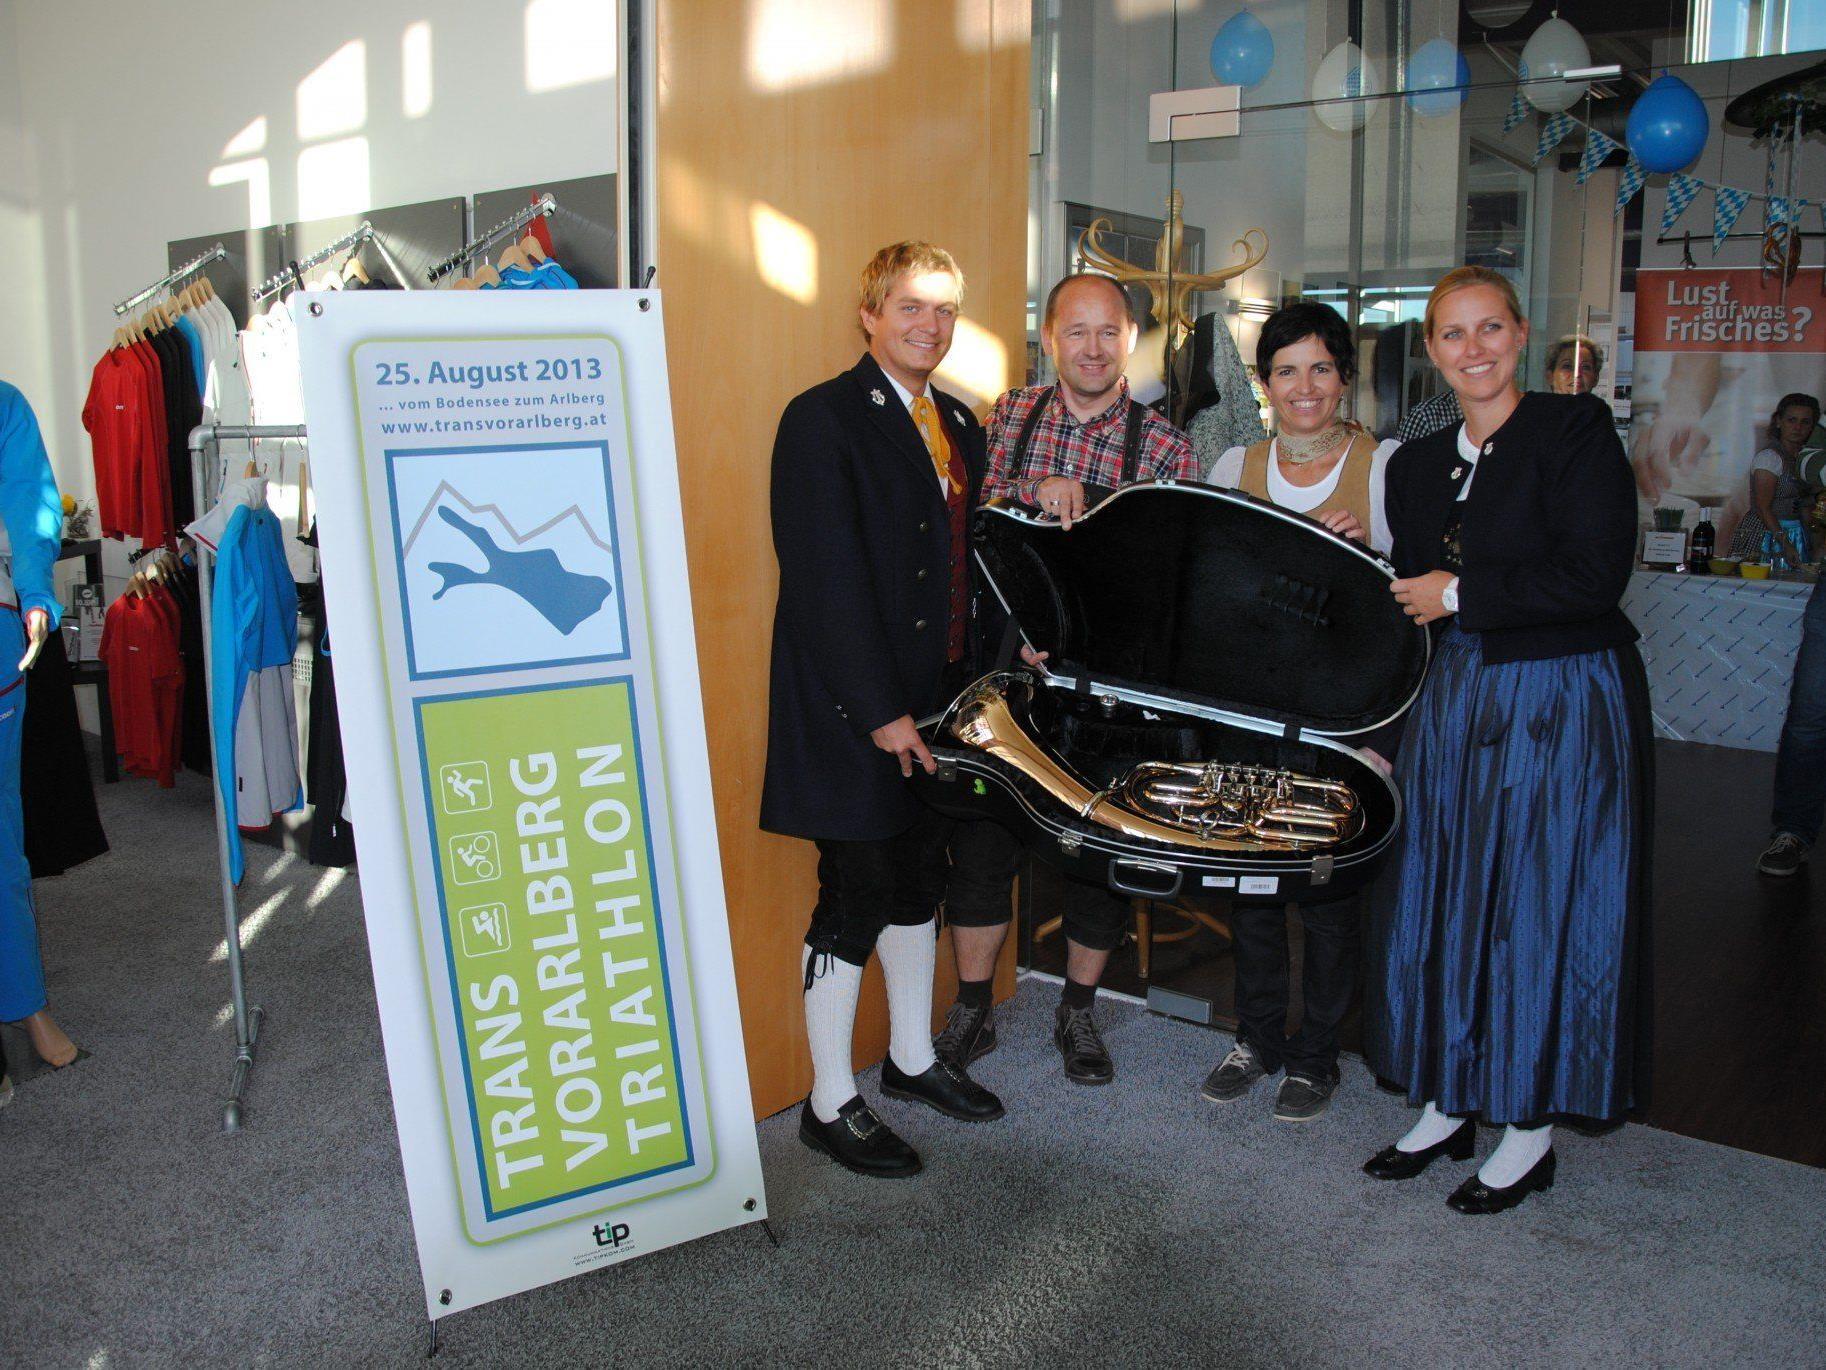 Das Radteam Vorarlberg spendet seinem Kooperationspartner Bürgermusik Nenzing ein neues Instrument.